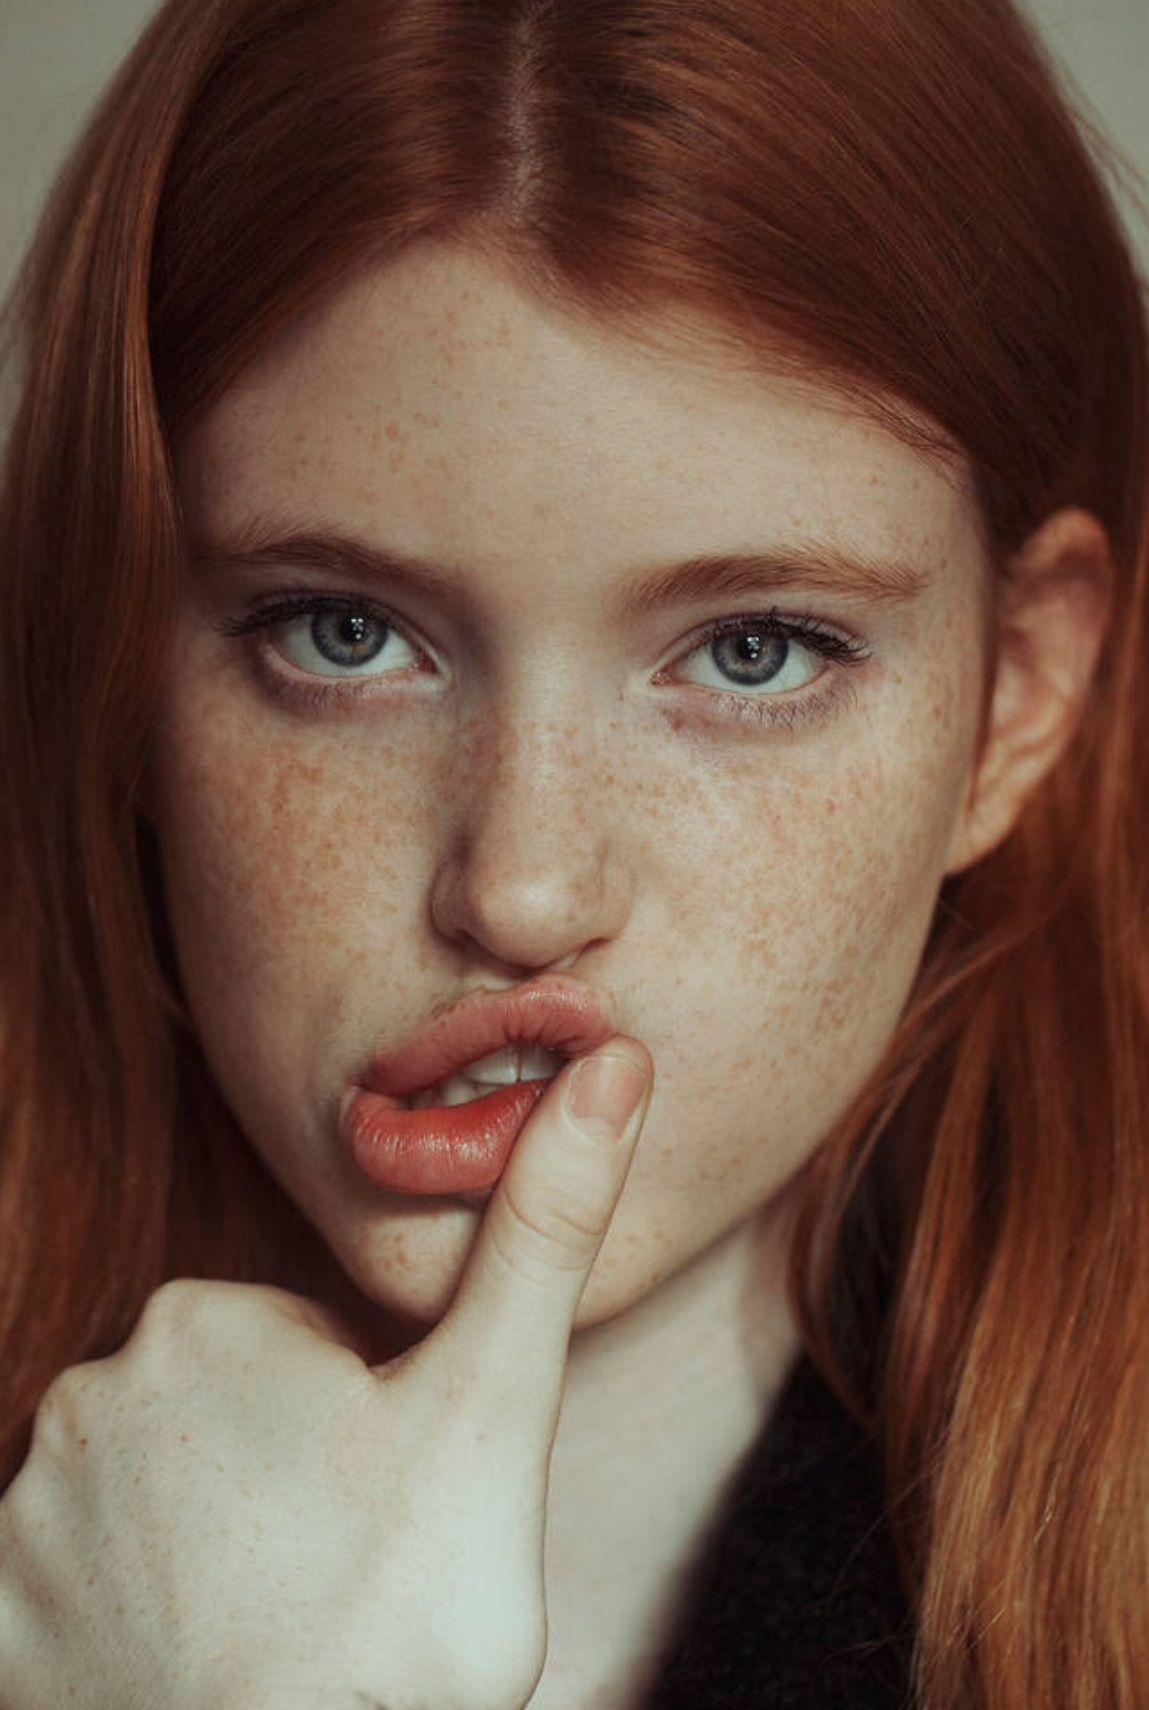 Lulu marilyn womenportraits in pinterest redheads